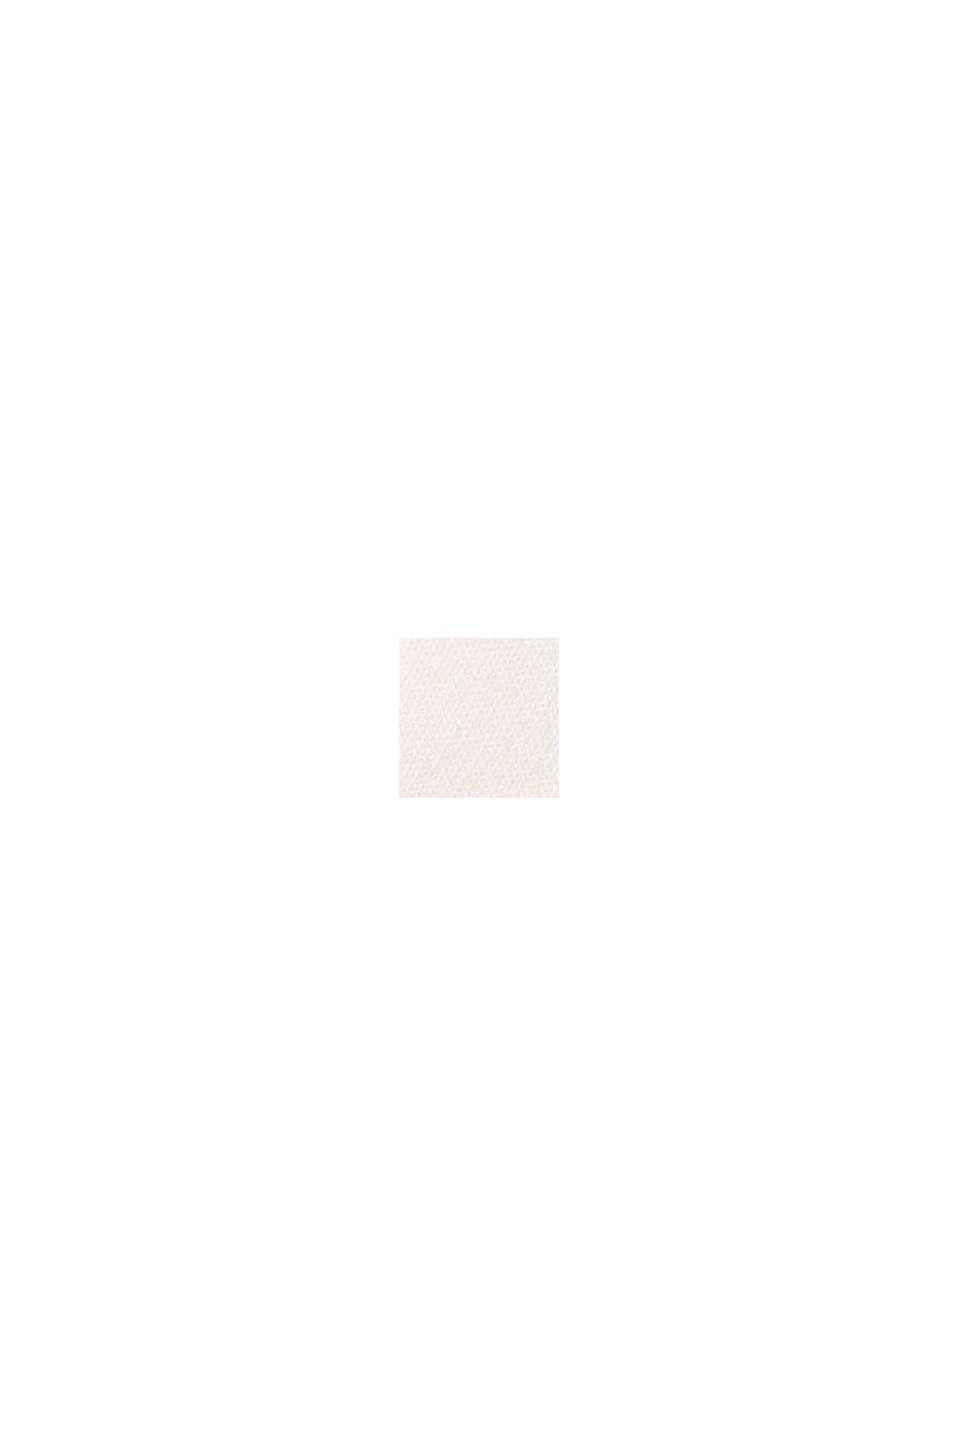 Calze corte con suola in spugna in confezione doppia, GREY/WHITE, swatch